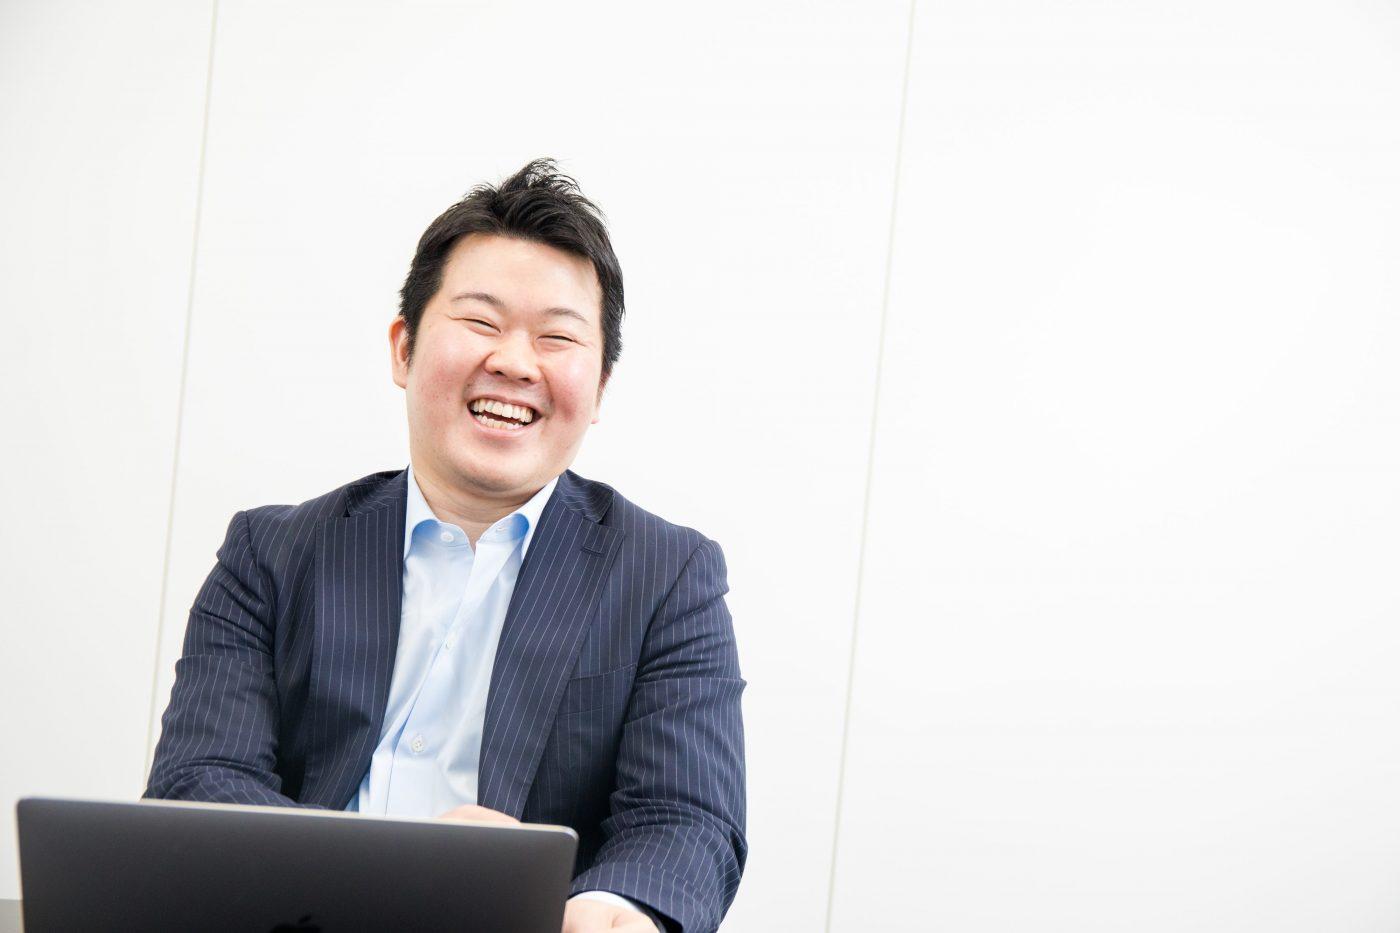 ■吉田大成(よしだ・たいせい) — 株式会社エブリー 代表取締役 2005年、ヤフー株式会社に新卒で入社。翌年10月にグリー株式会社に入社し、2010年12月には同社執行役員に就任。2015年6月に同社を退職し、同年9月に株式会社エブリーを設立する。